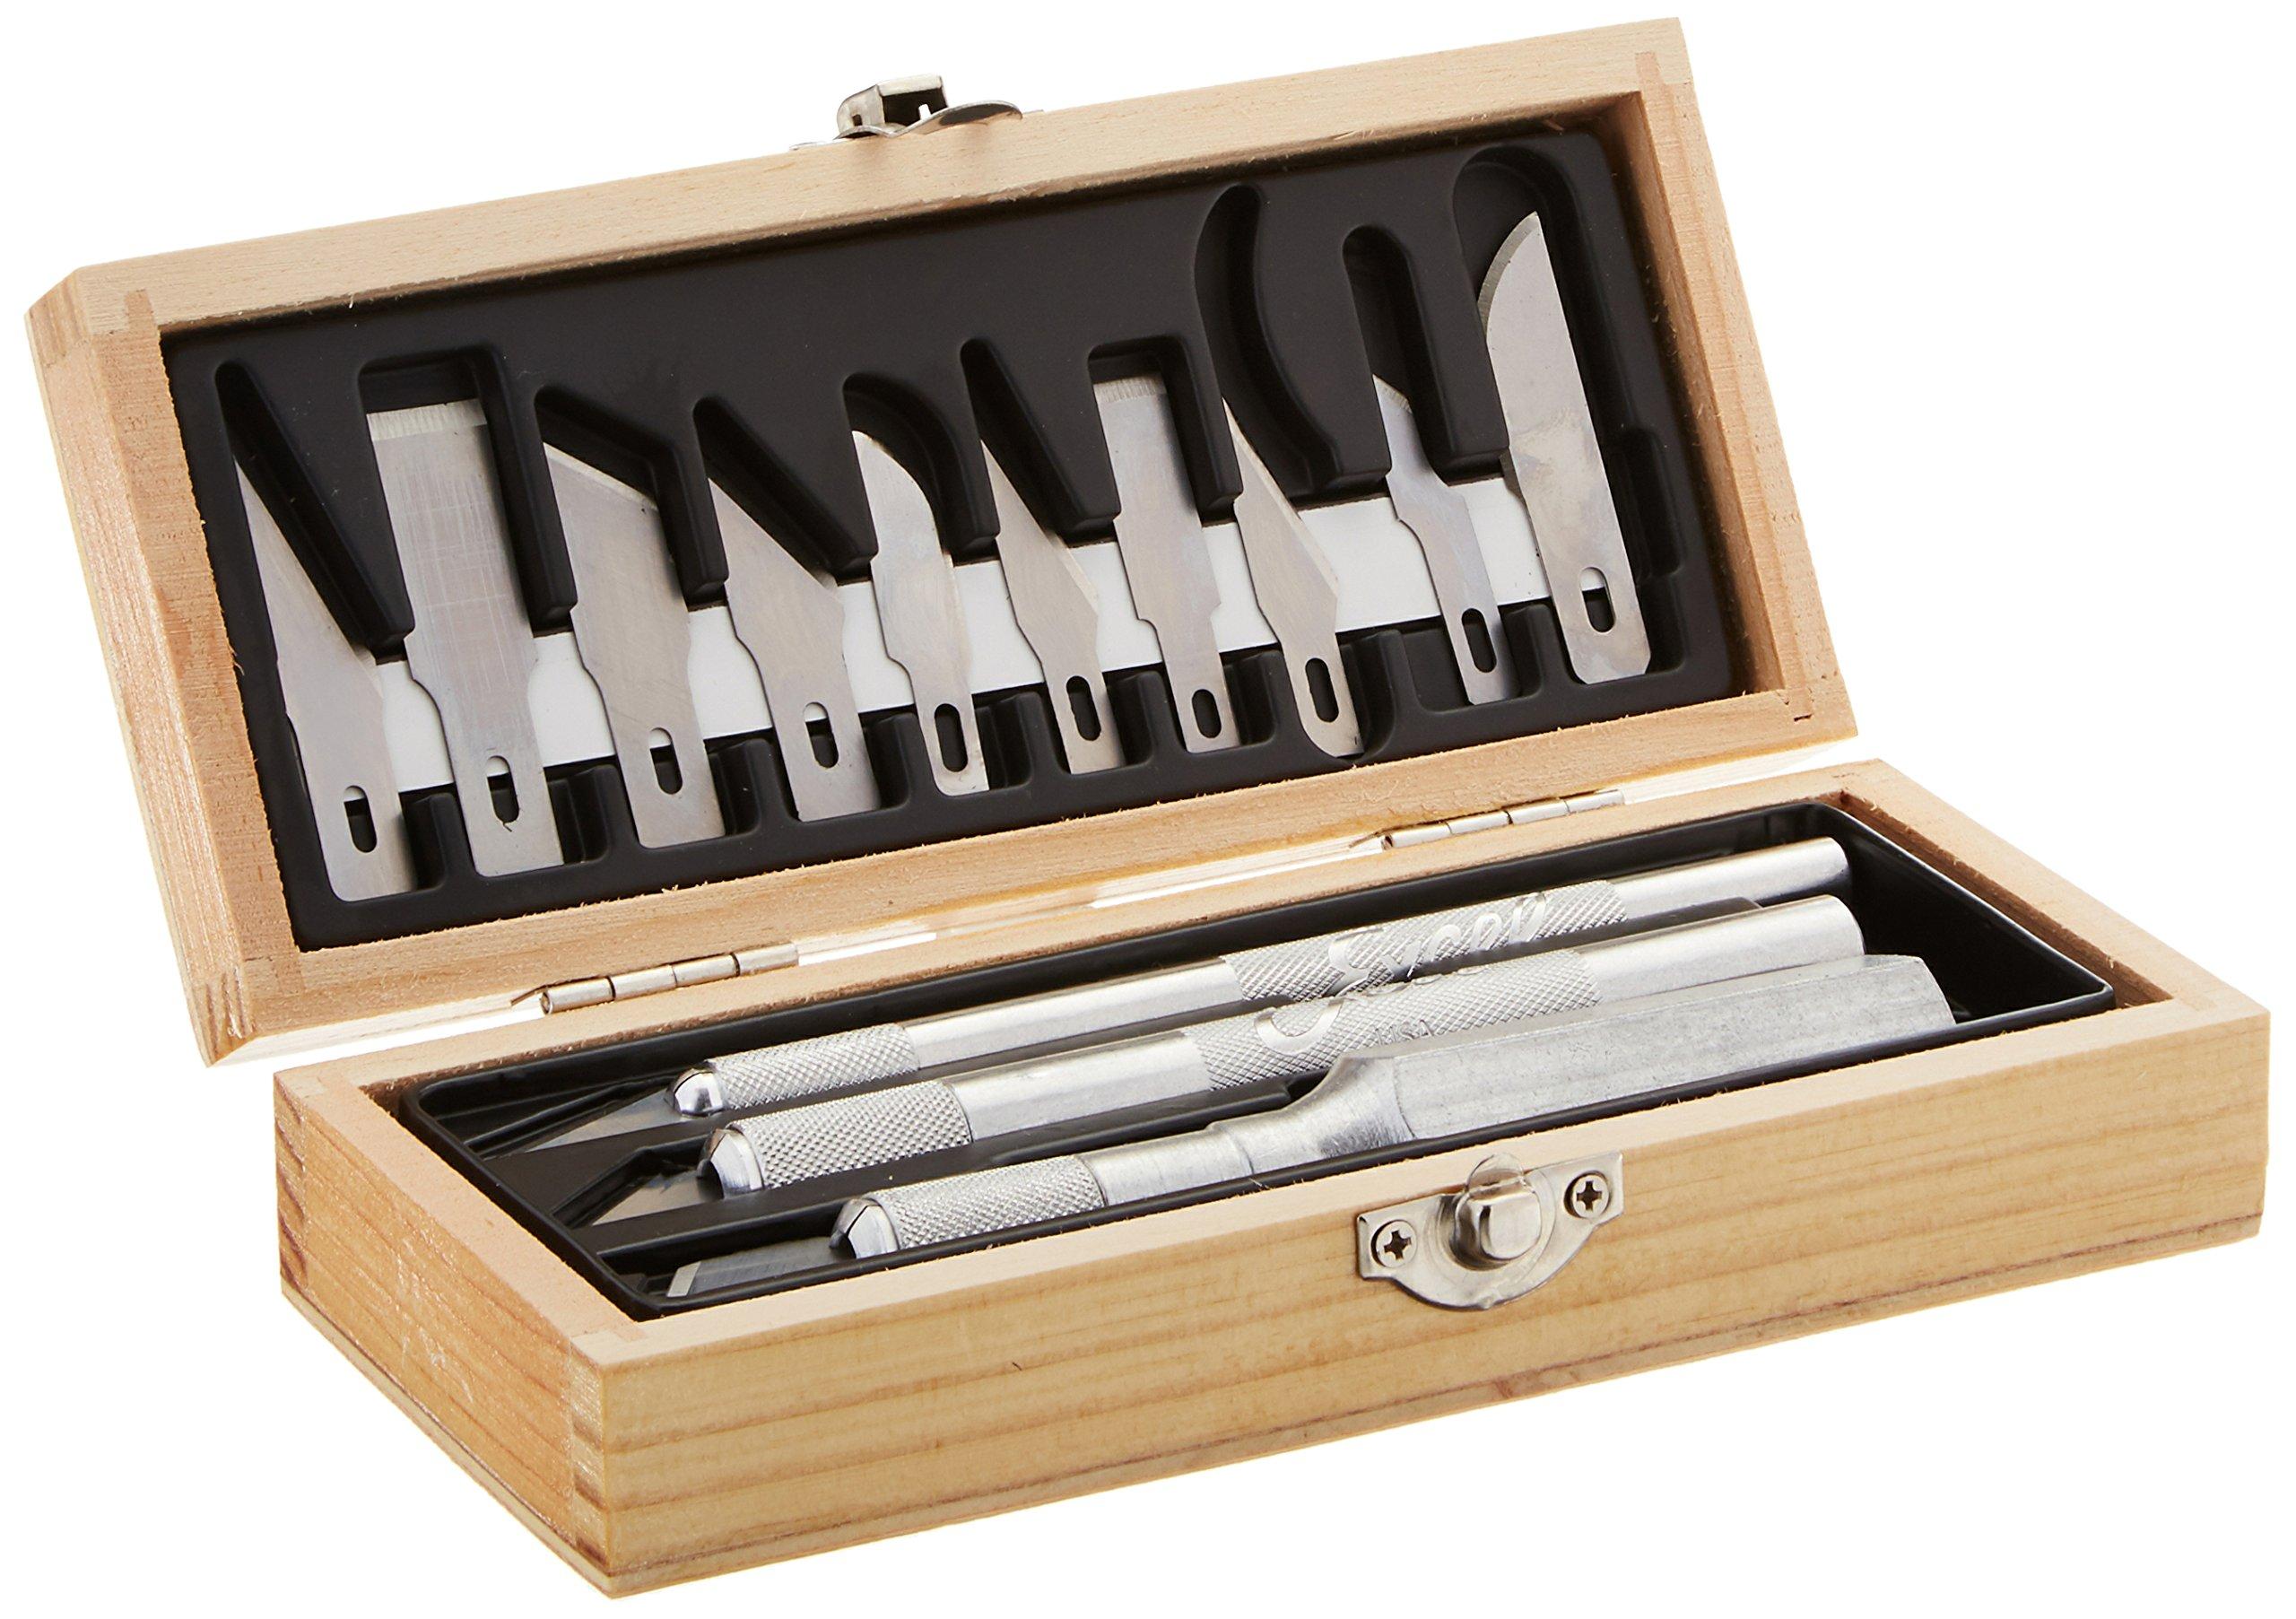 Excel Blades Craftsmen Hobby Knife Set